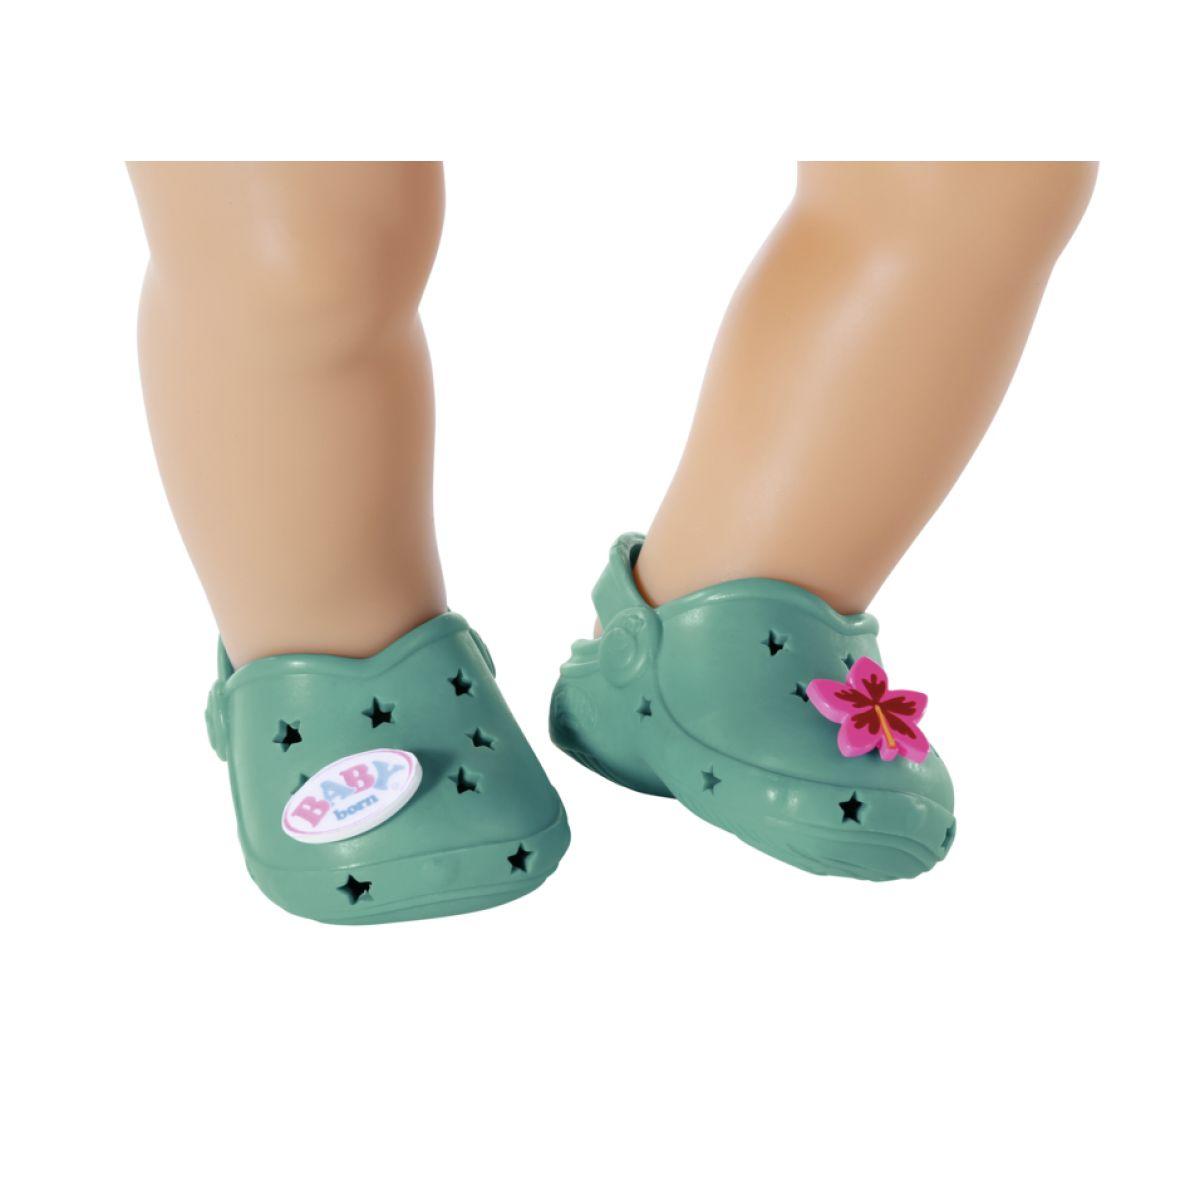 Zapf Creation BABY born Gumové sandálky zelené